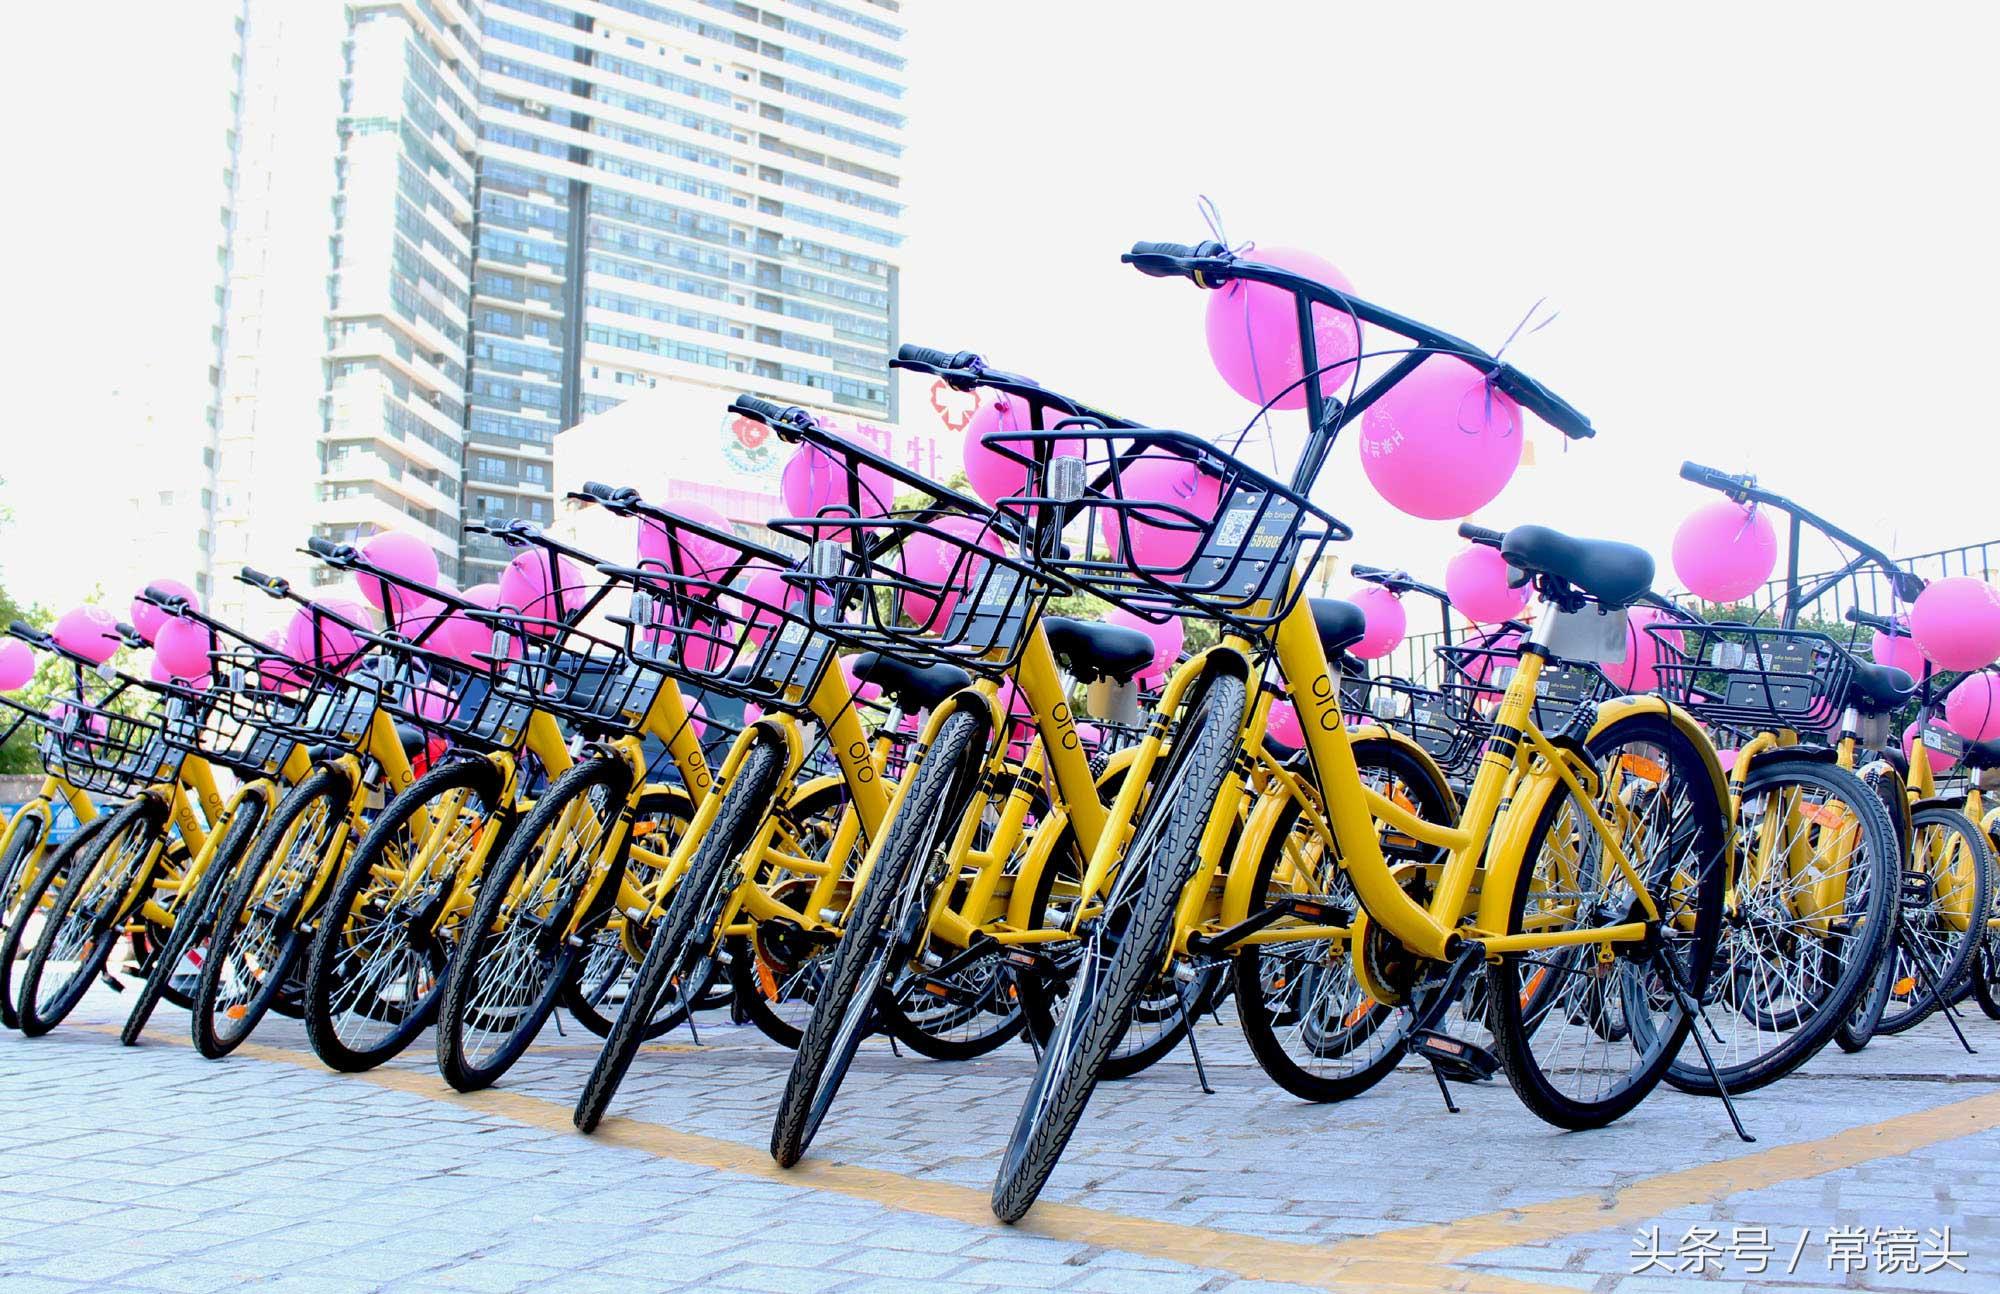 50辆共享单车齐刷刷地停在一起,丝毫不亚于豪车车队。